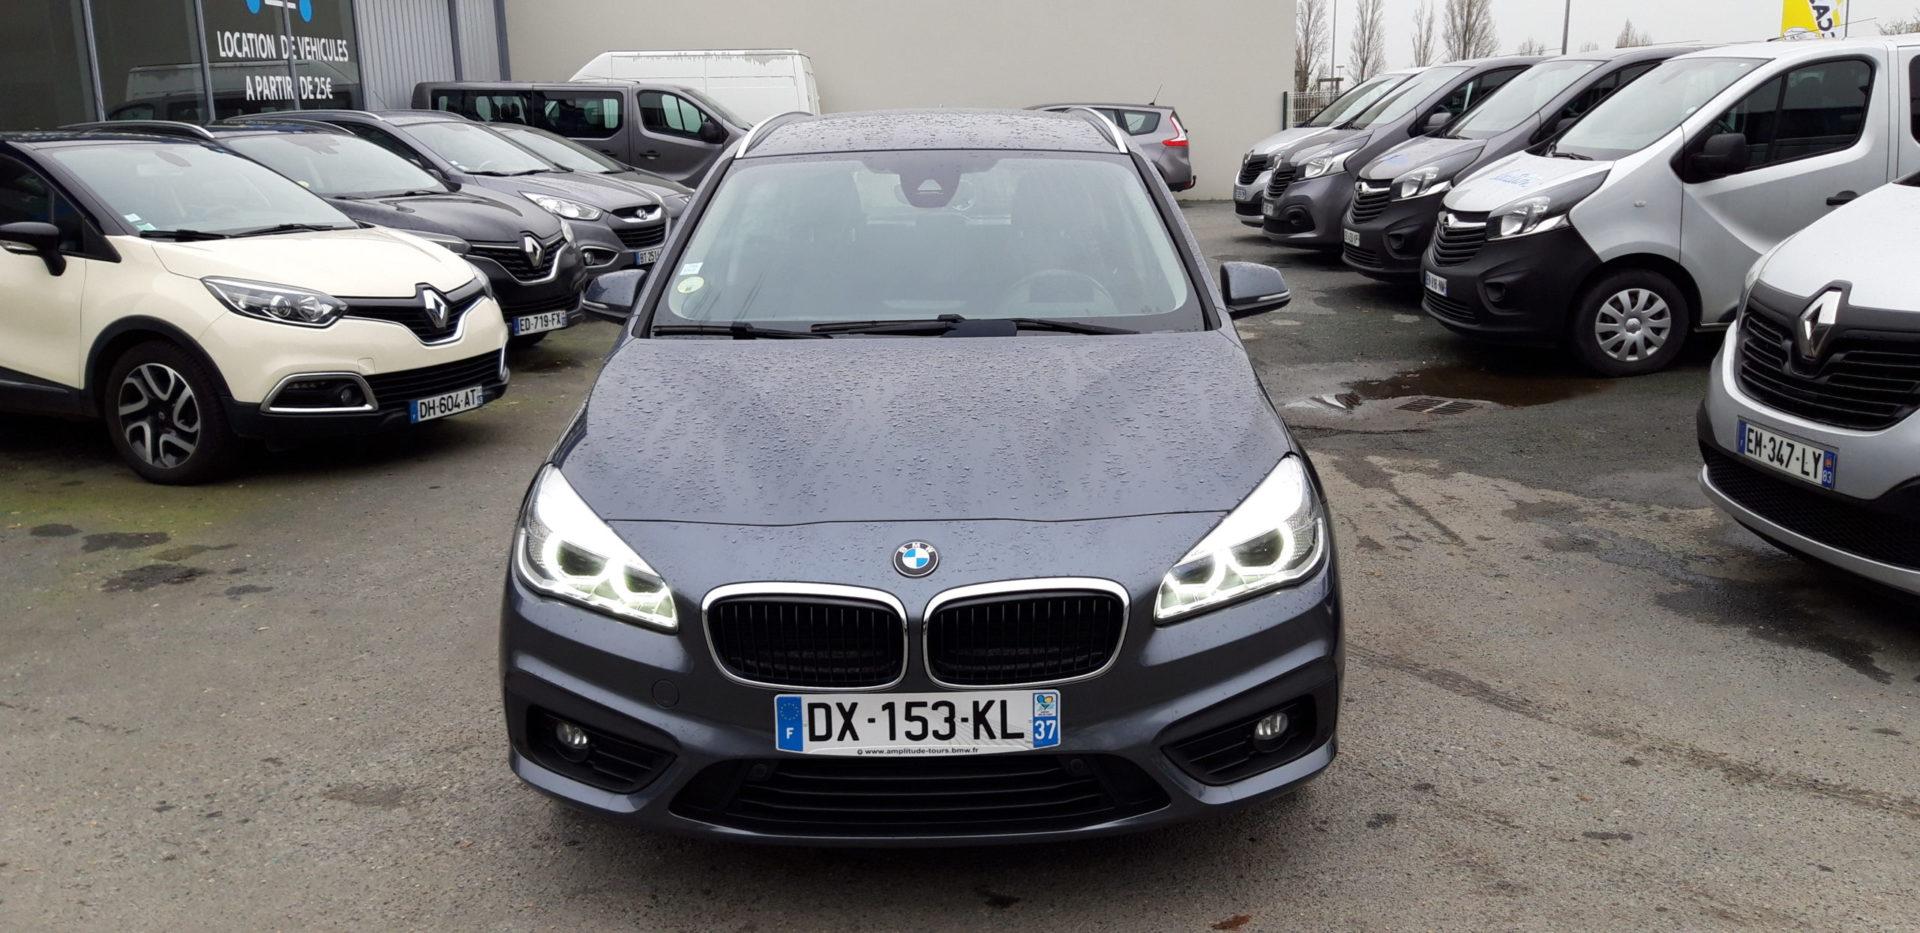 Garage Jallier Tharreau Garage Automobile Cholet Location Vehicule 9 Places 20210107 113437 1446